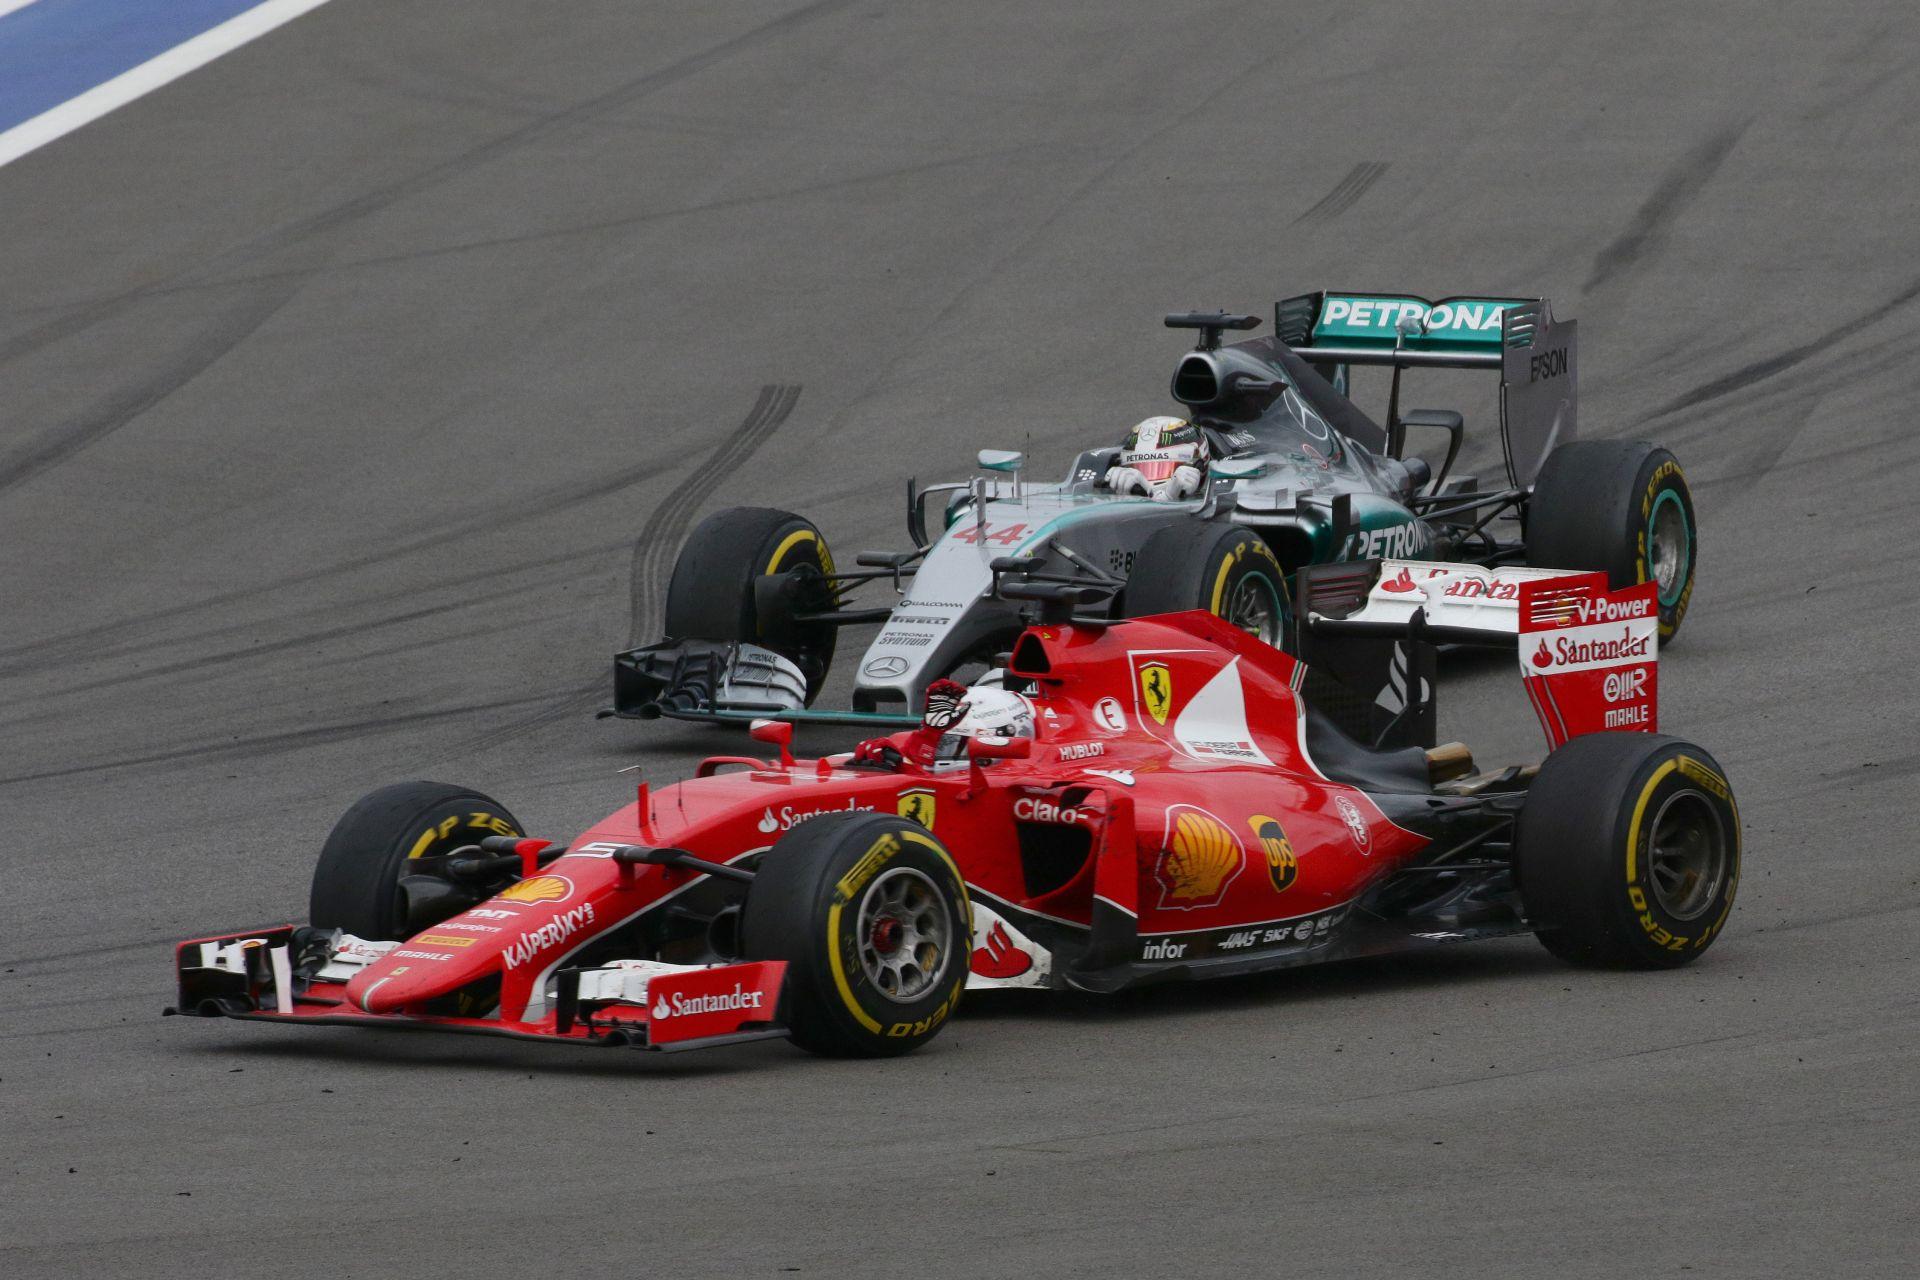 Az alternatív motor elérte célját: a Mercedes, a Ferrari, a Renault és a Honda lépni fog!